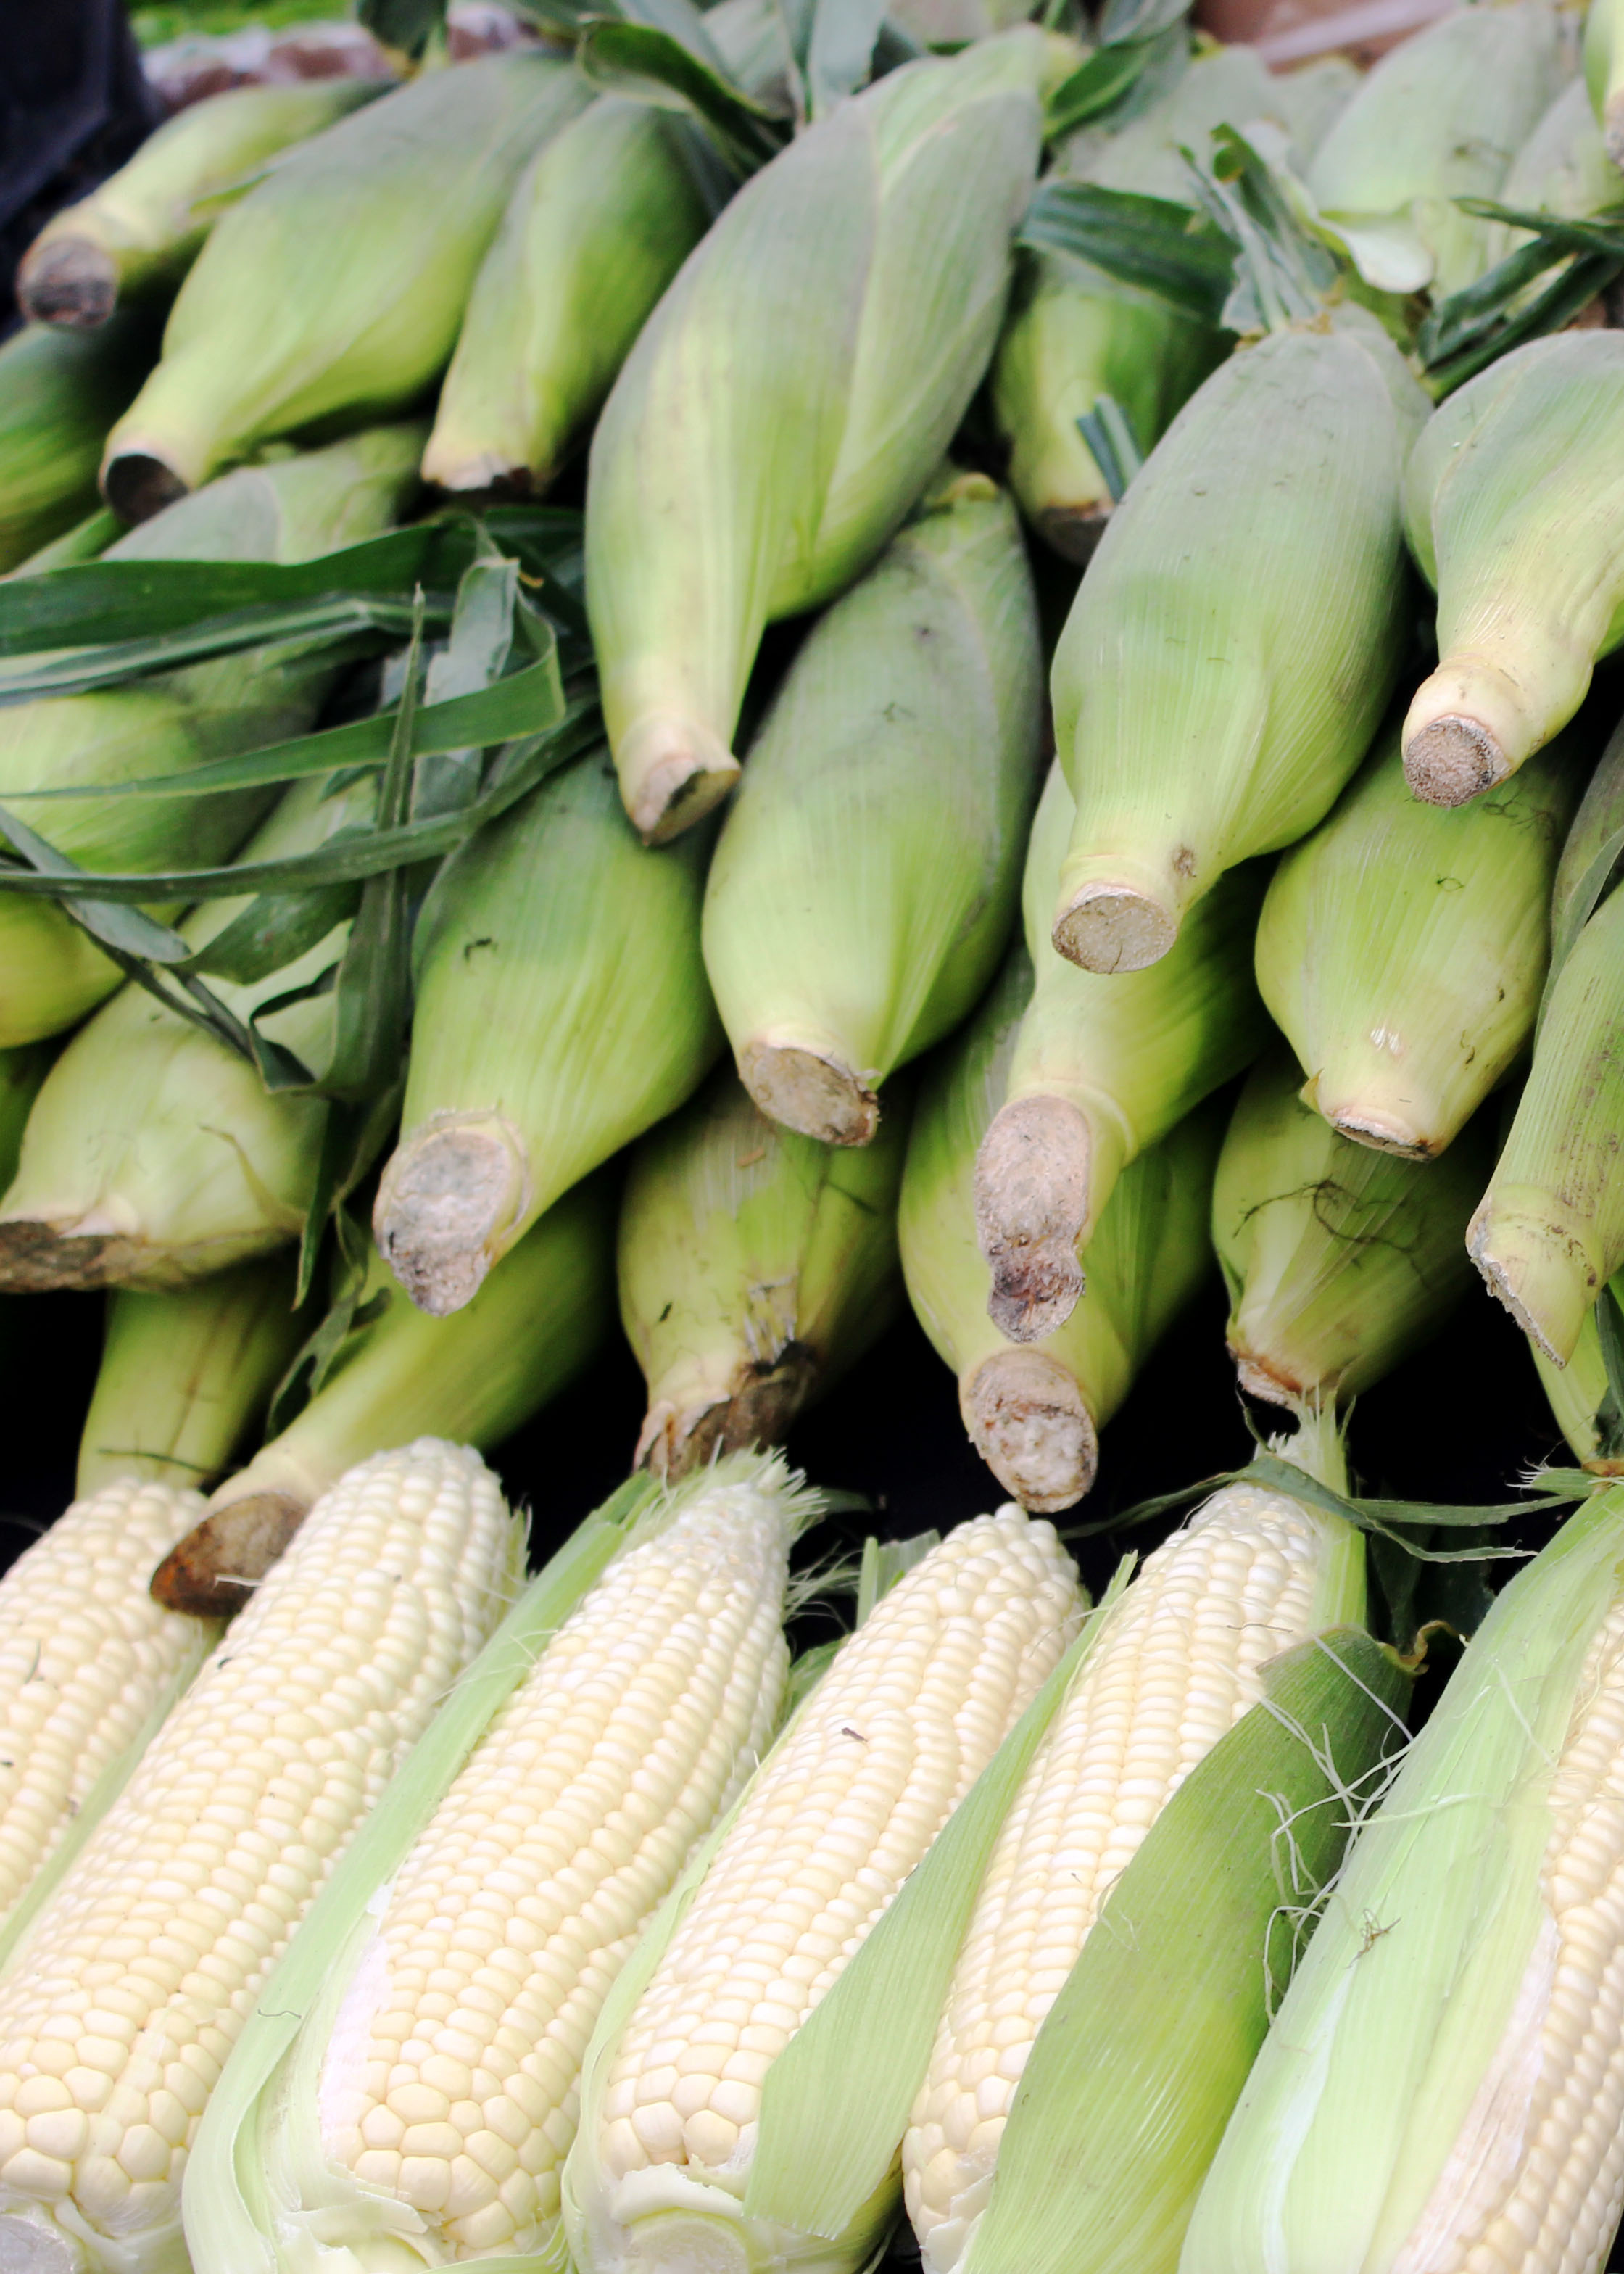 fm corn 9.21.14.jpg